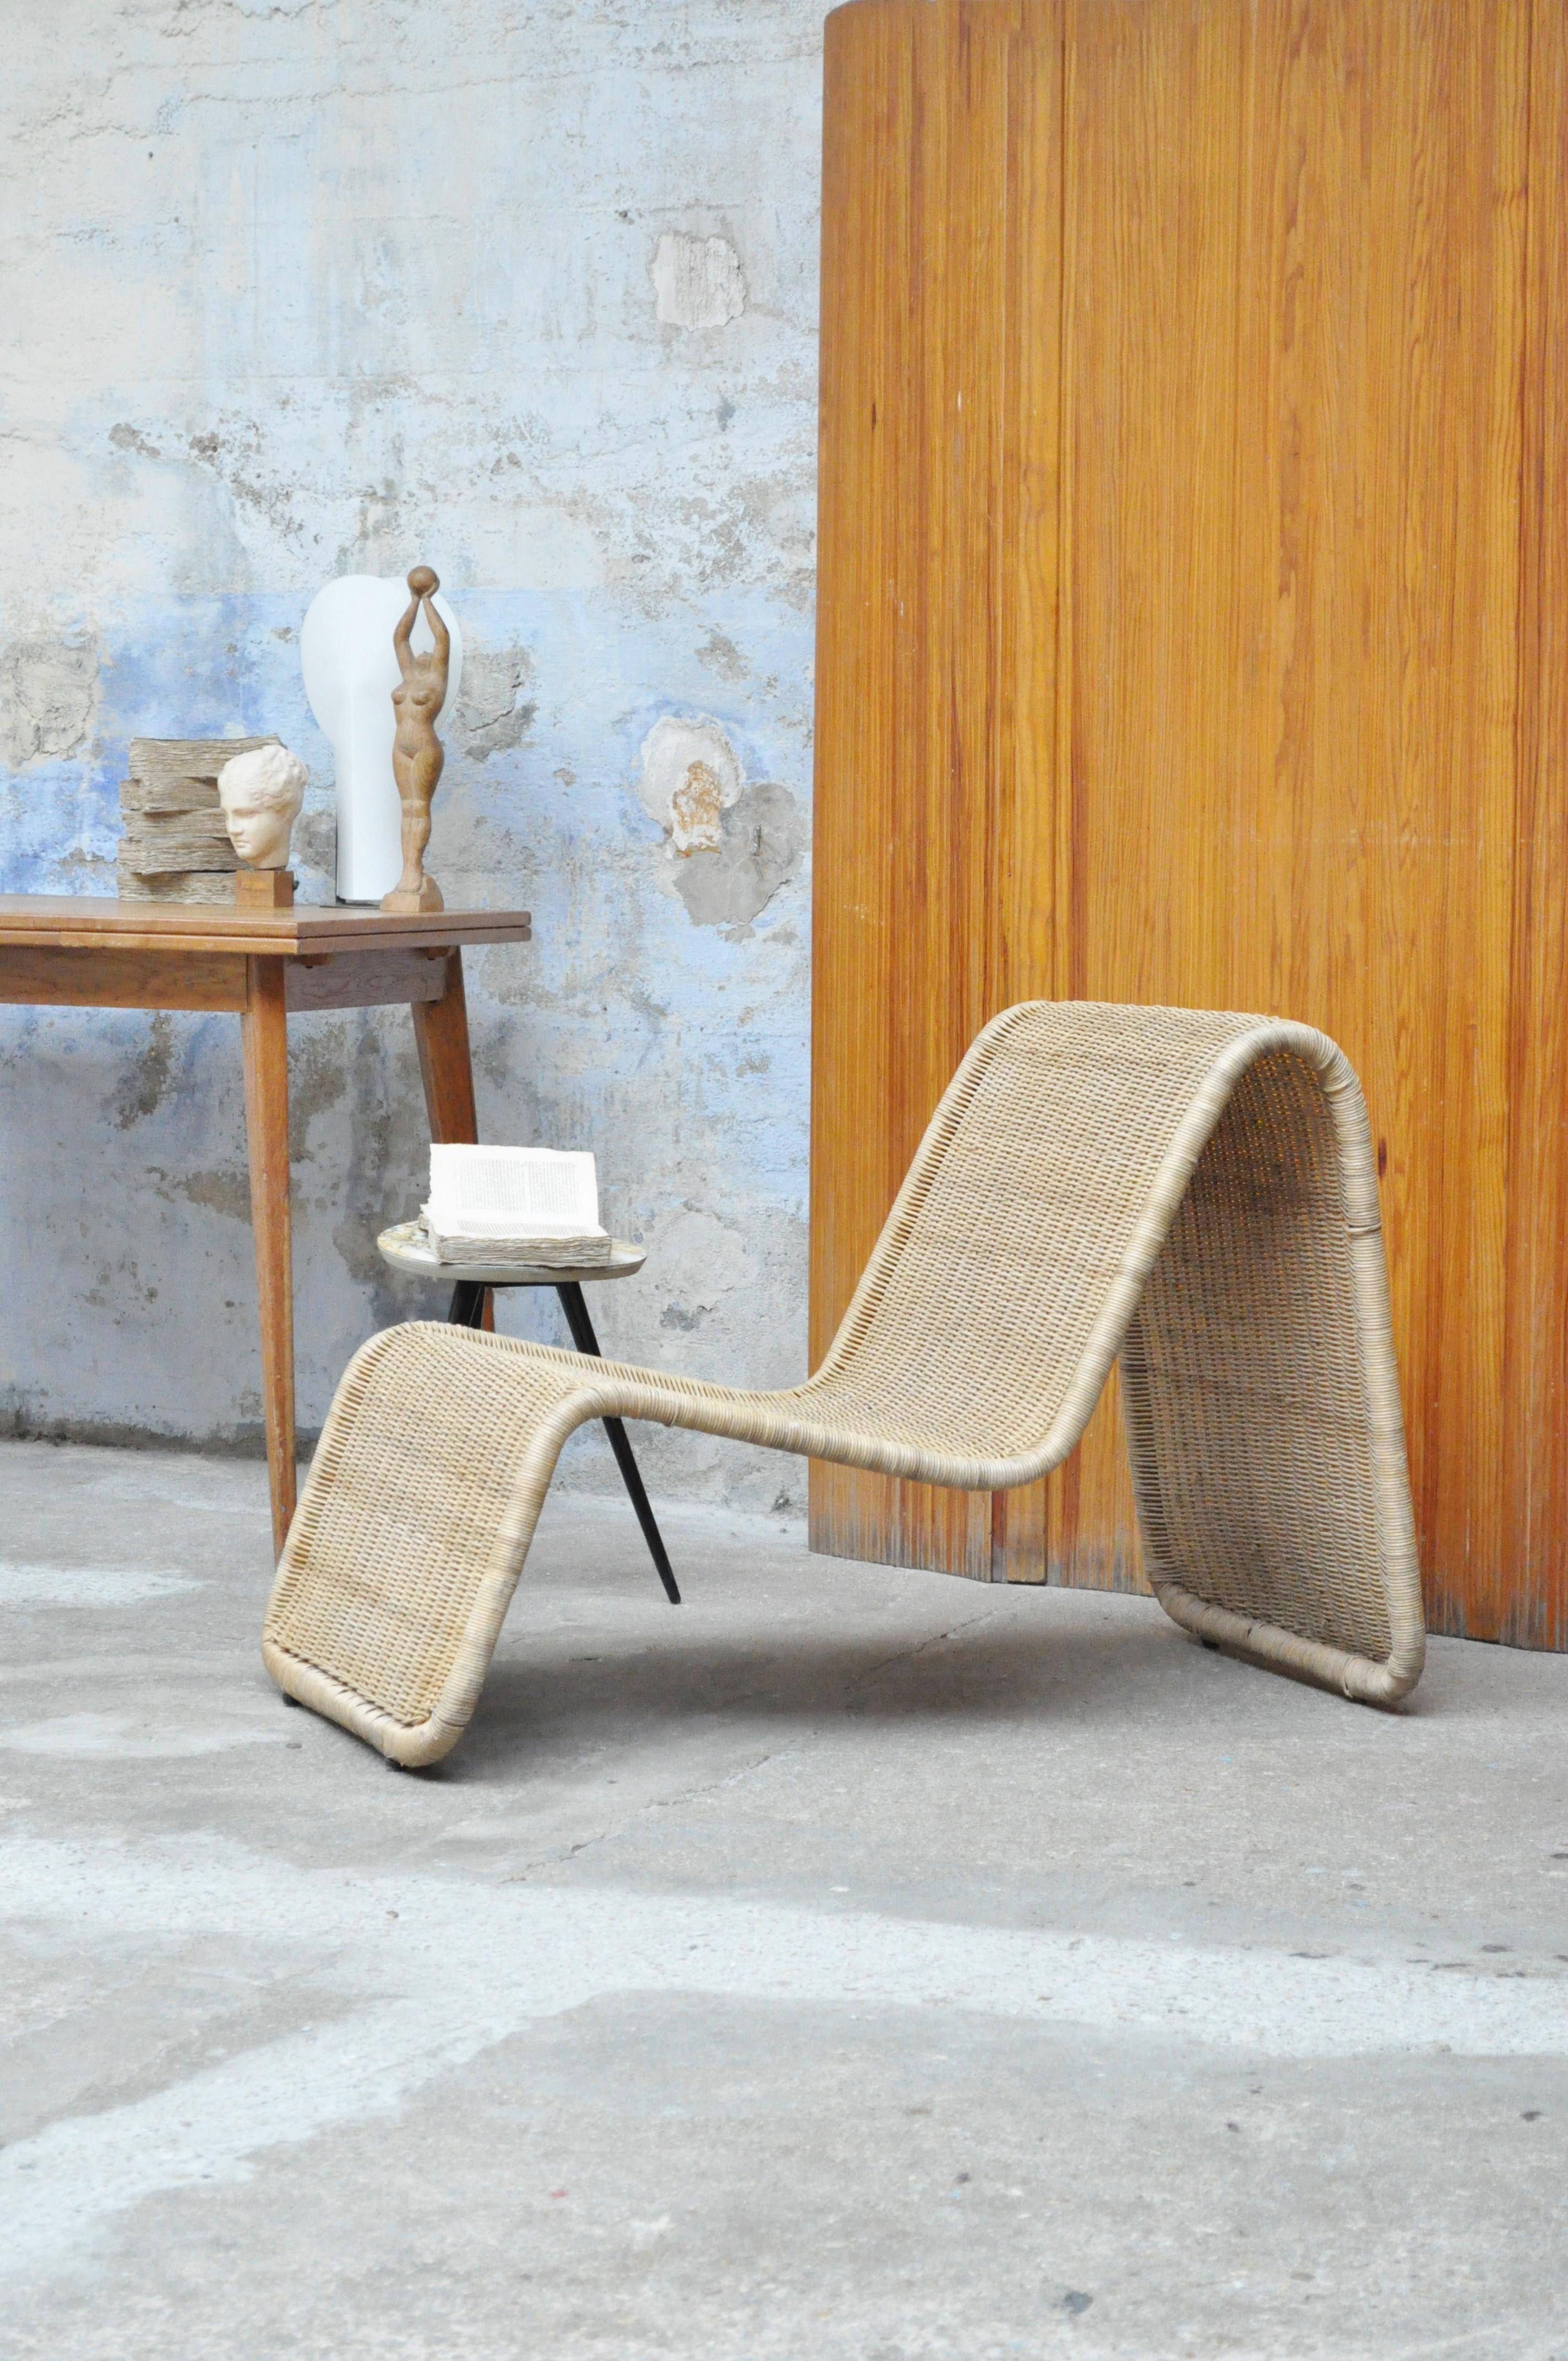 vide maison 65 free vide grenier retro vintage market une fois par mois souvent un dimanche. Black Bedroom Furniture Sets. Home Design Ideas